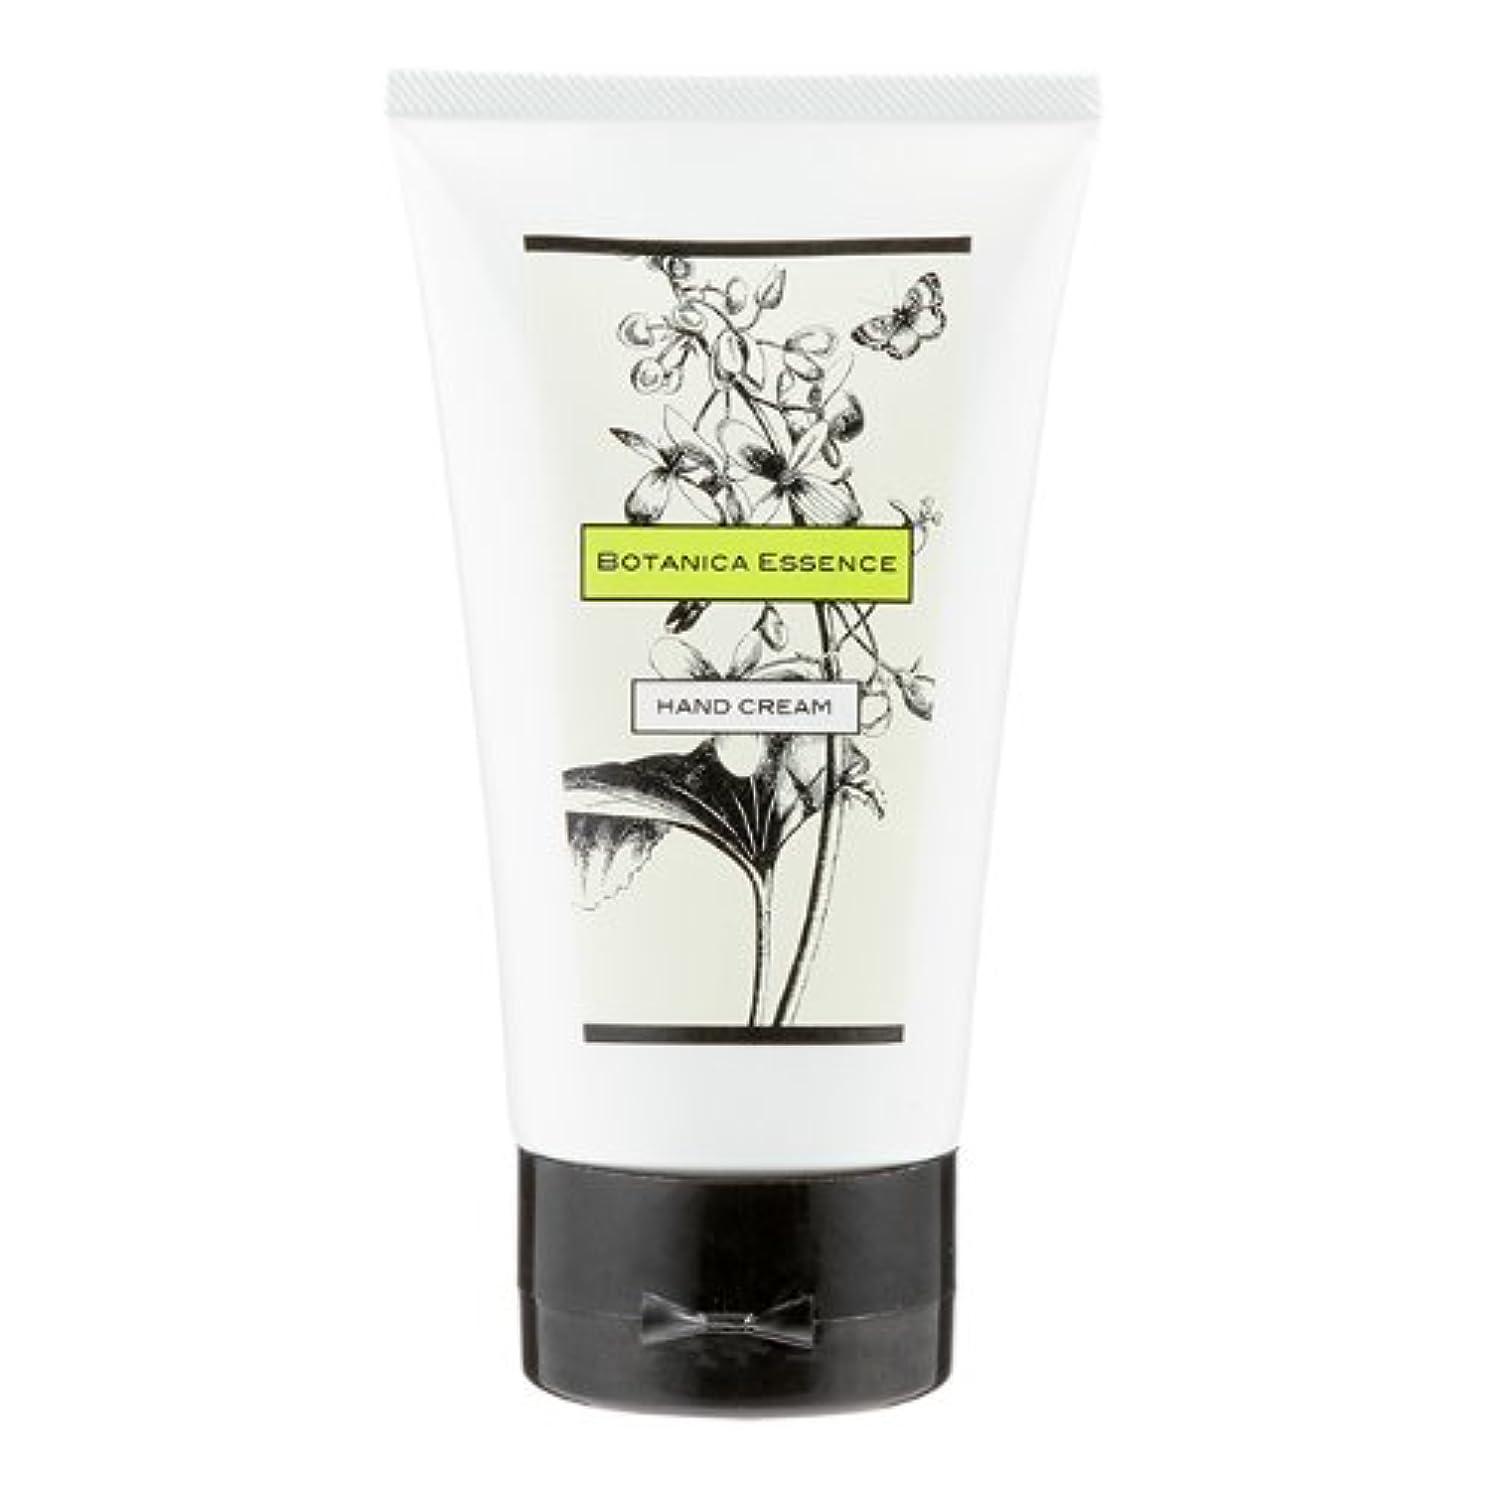 することになっている第五着実にネイチャータッチ (Nature Touch) BOTANICA ハンドクリーム165g/ボタニカ